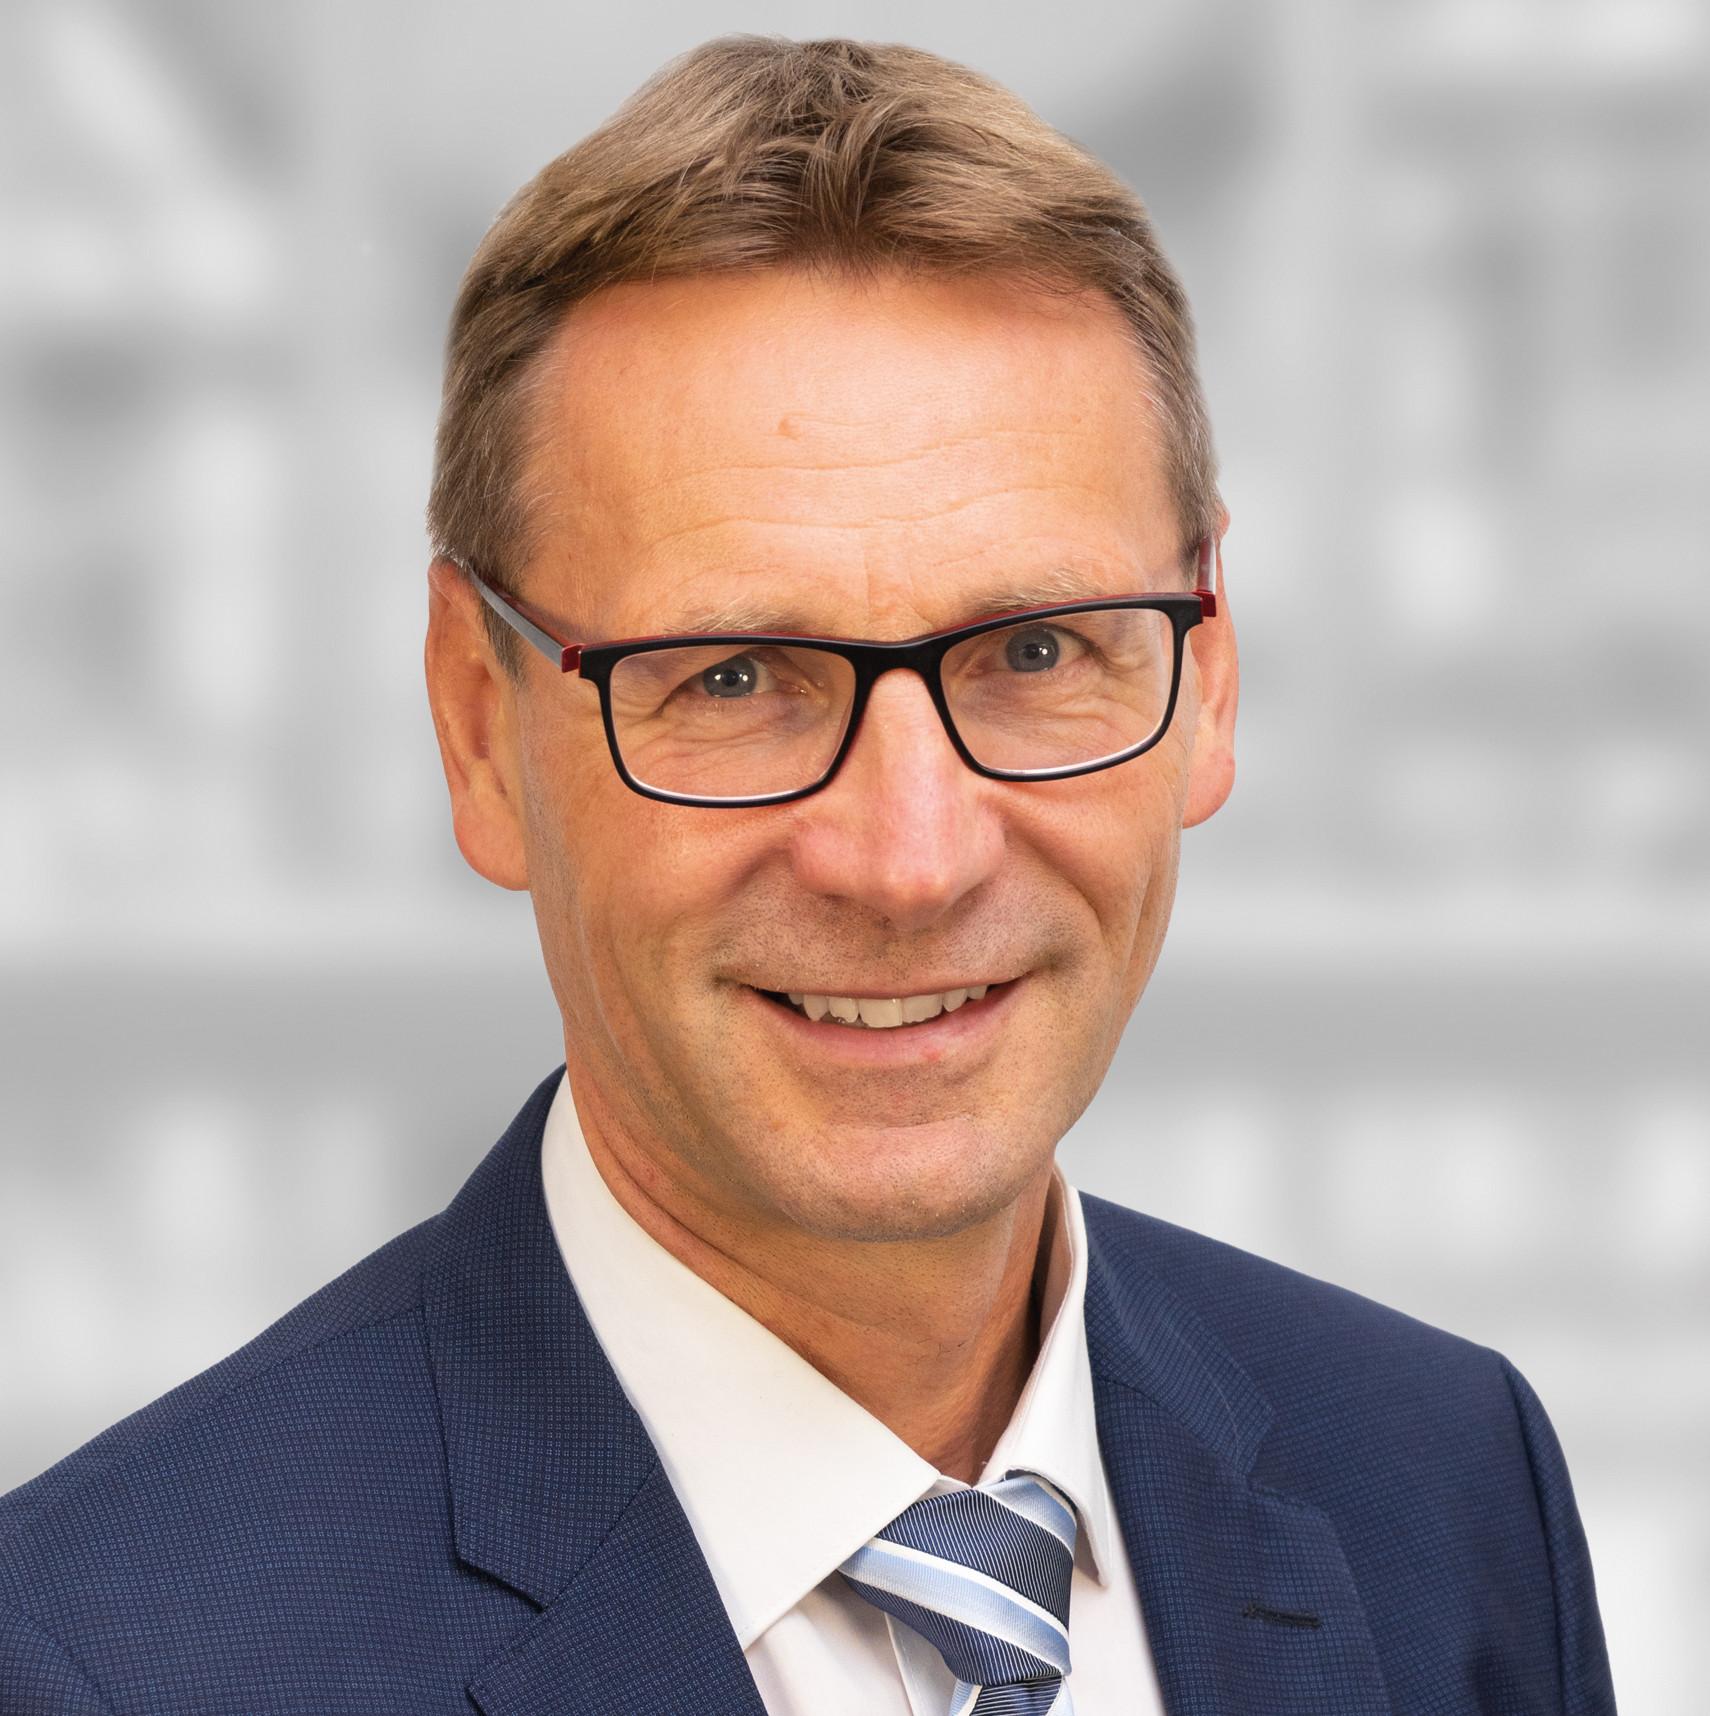 Thomas Csaszar